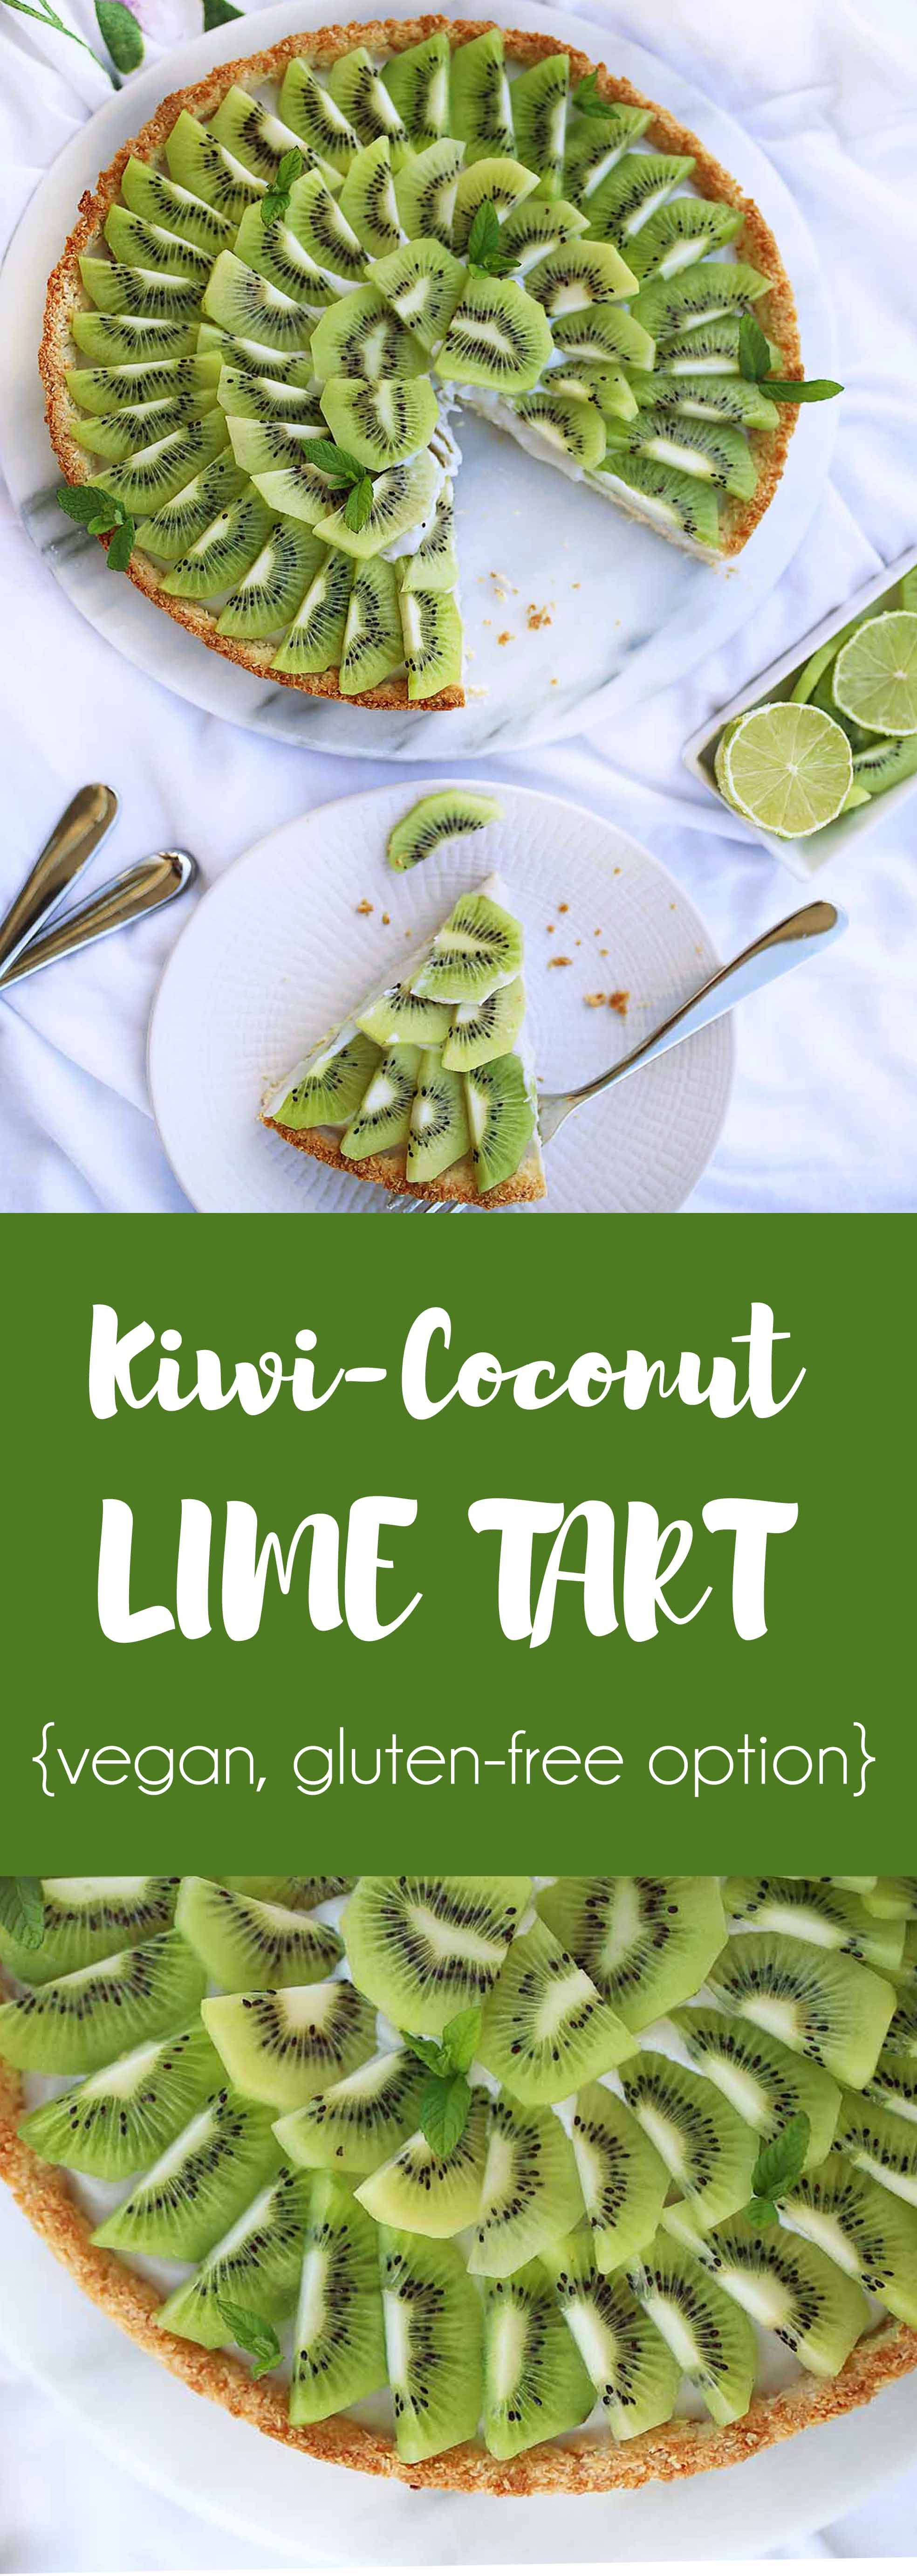 Refreshing Kiwi-Coconut Tart